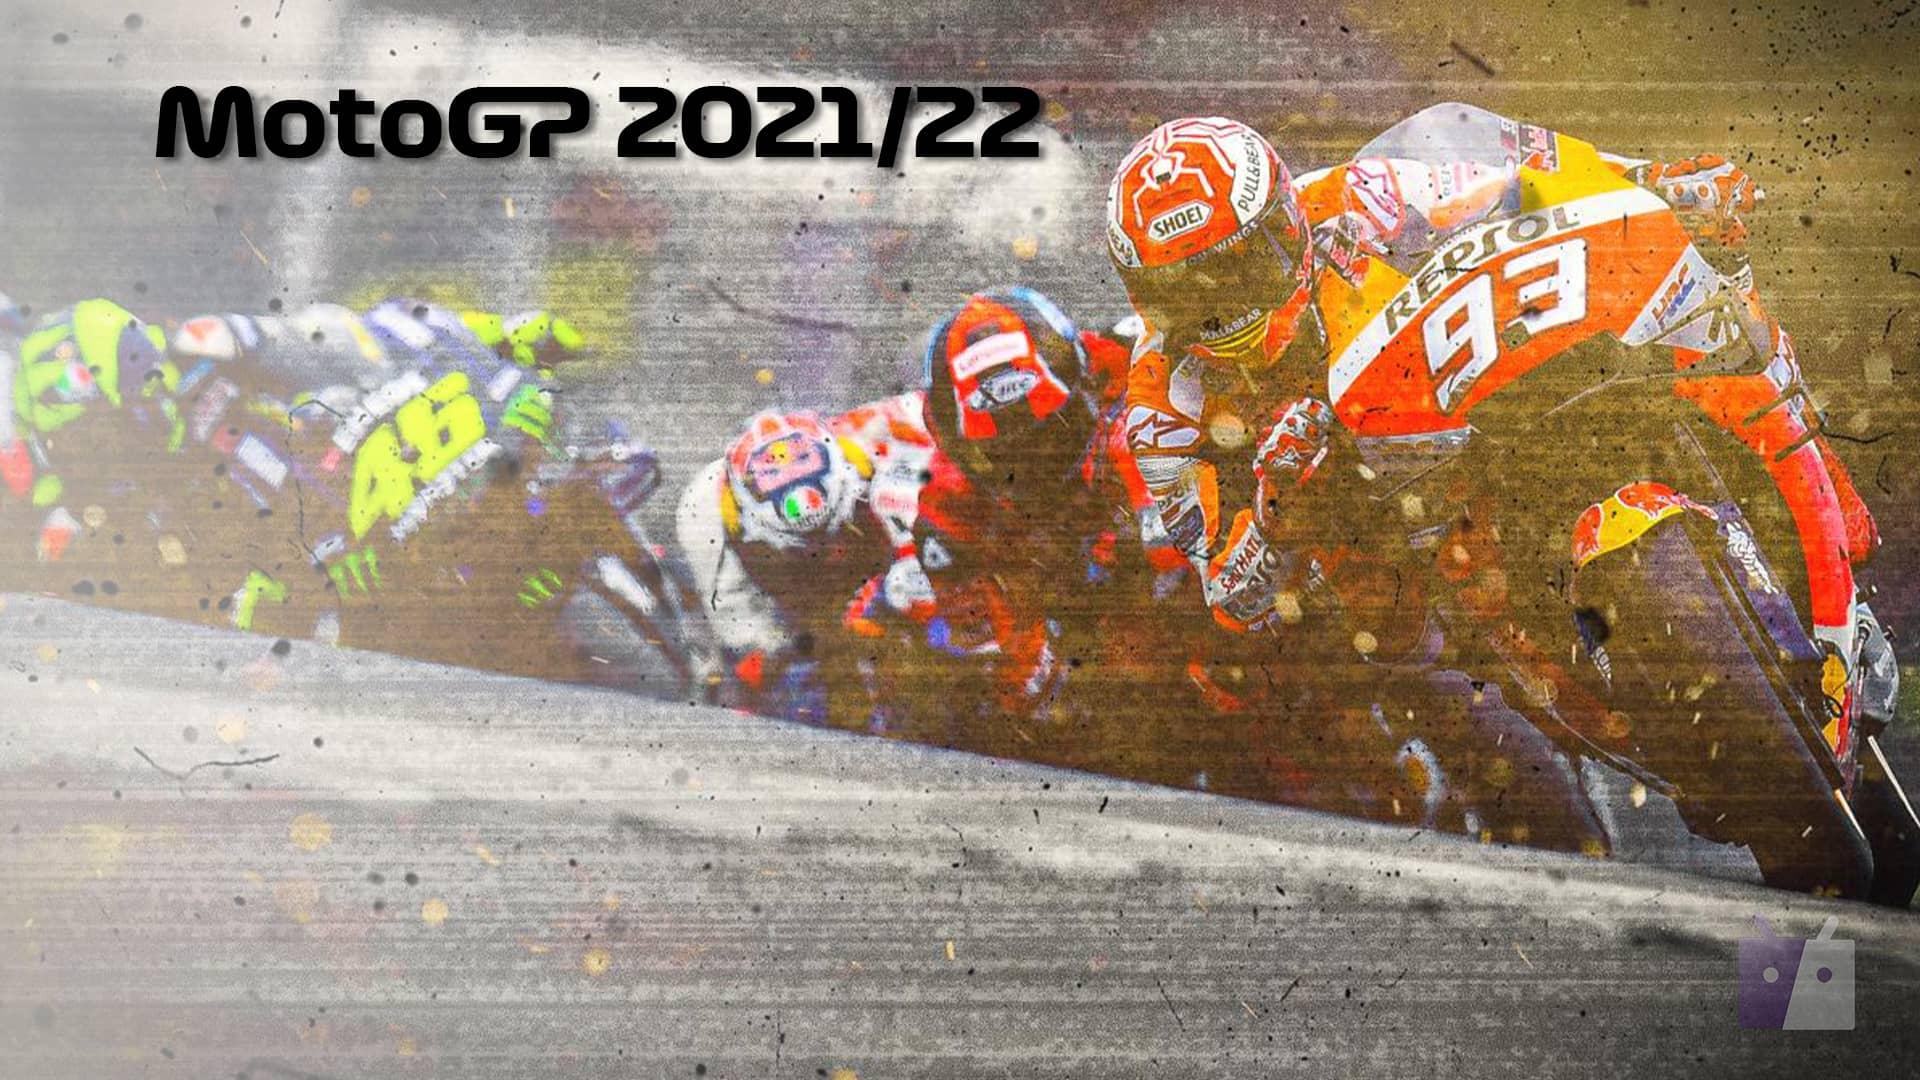 MotoGP, GP di Doha 2021: dove vedere la gara in TV e streaming